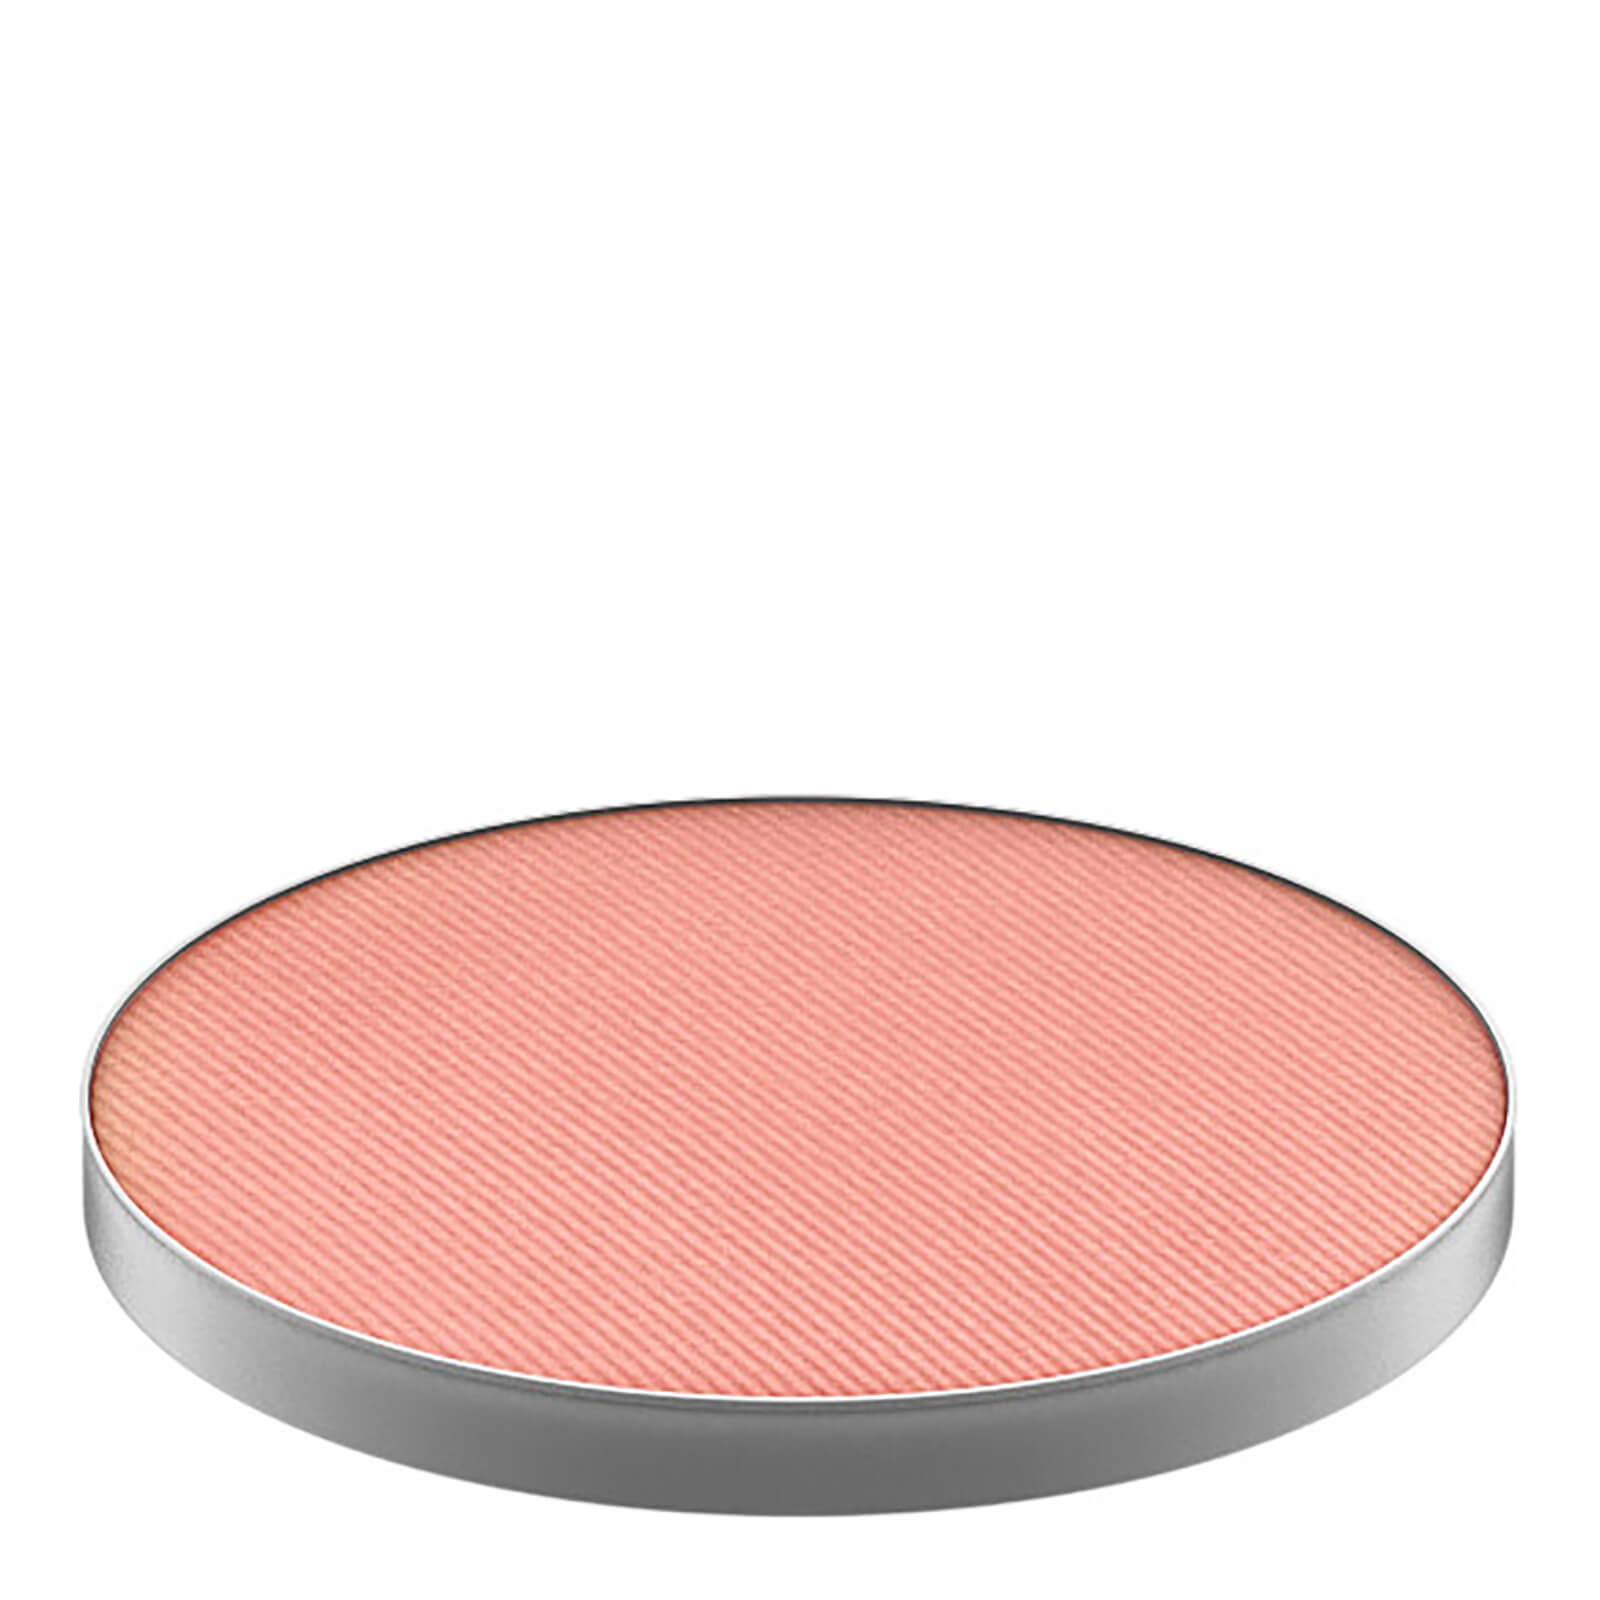 MAC Sheertone Blush Pro Palette Refill (Various Shades) - Peaches